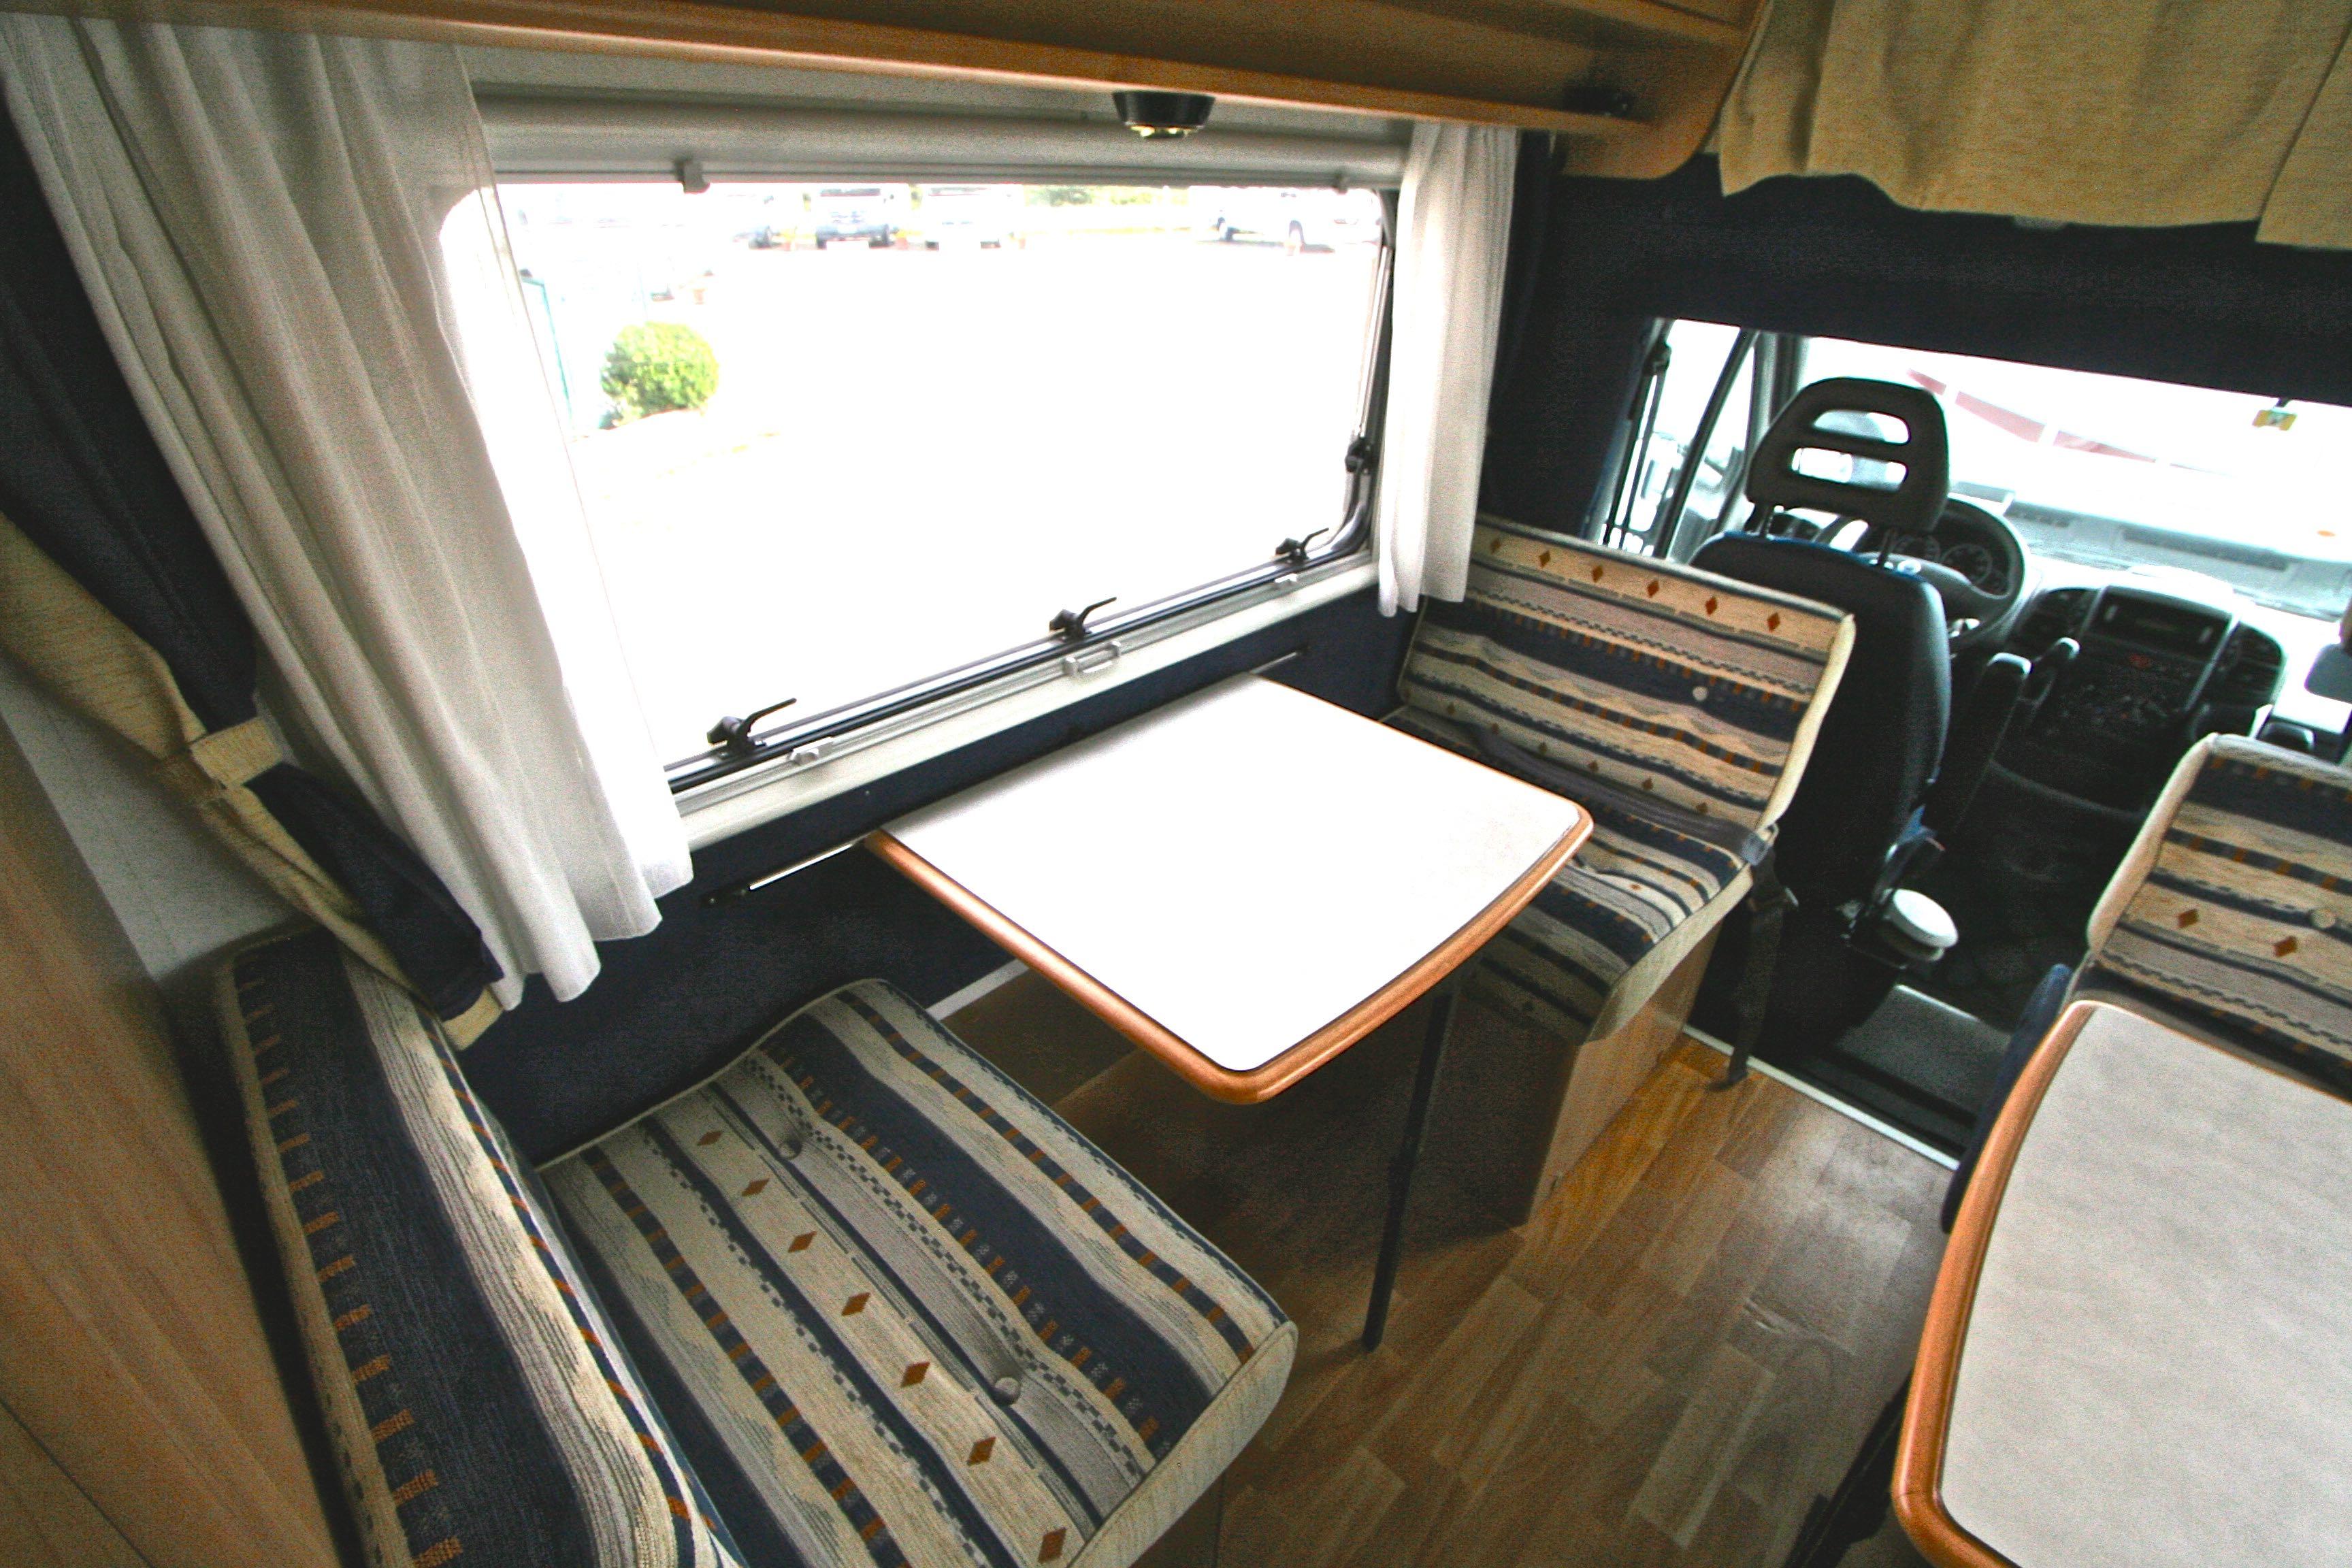 mc louis glen 560 occasion fiat camping car en vente roques sur garonne haute garonne 31. Black Bedroom Furniture Sets. Home Design Ideas